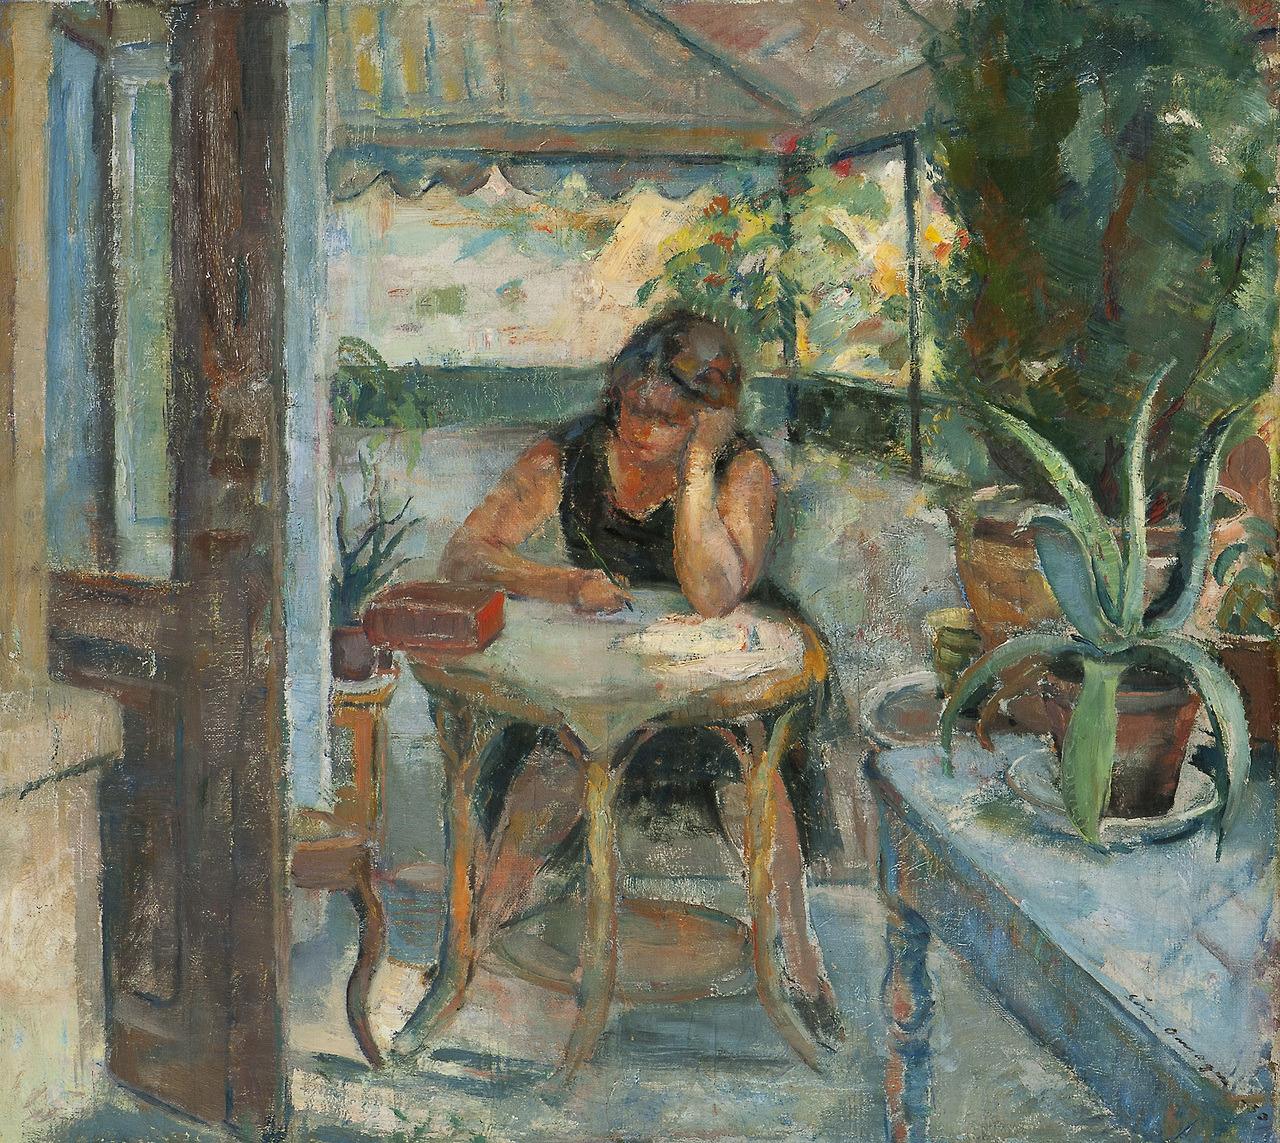 """huariqueje:"""" Female in Interior - Søren Onsager 1930Norwegian, 1878-1946Oil on canvas"""""""